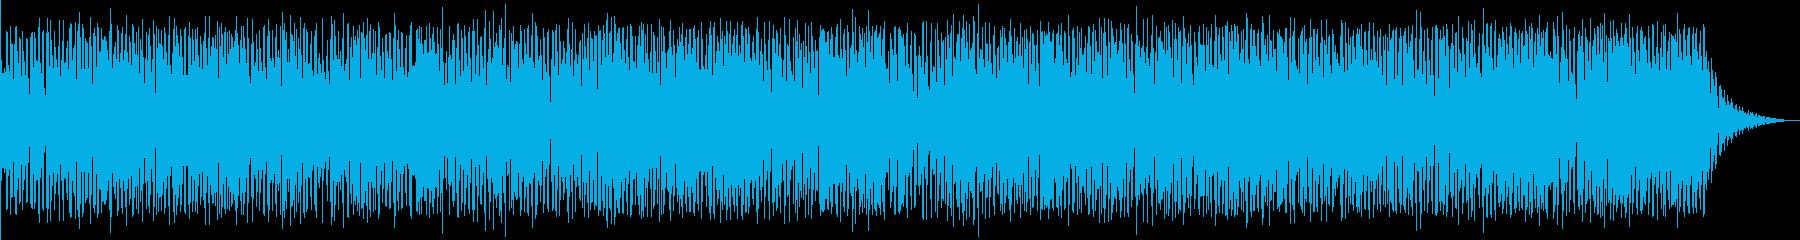 アフリカンブルースの再生済みの波形